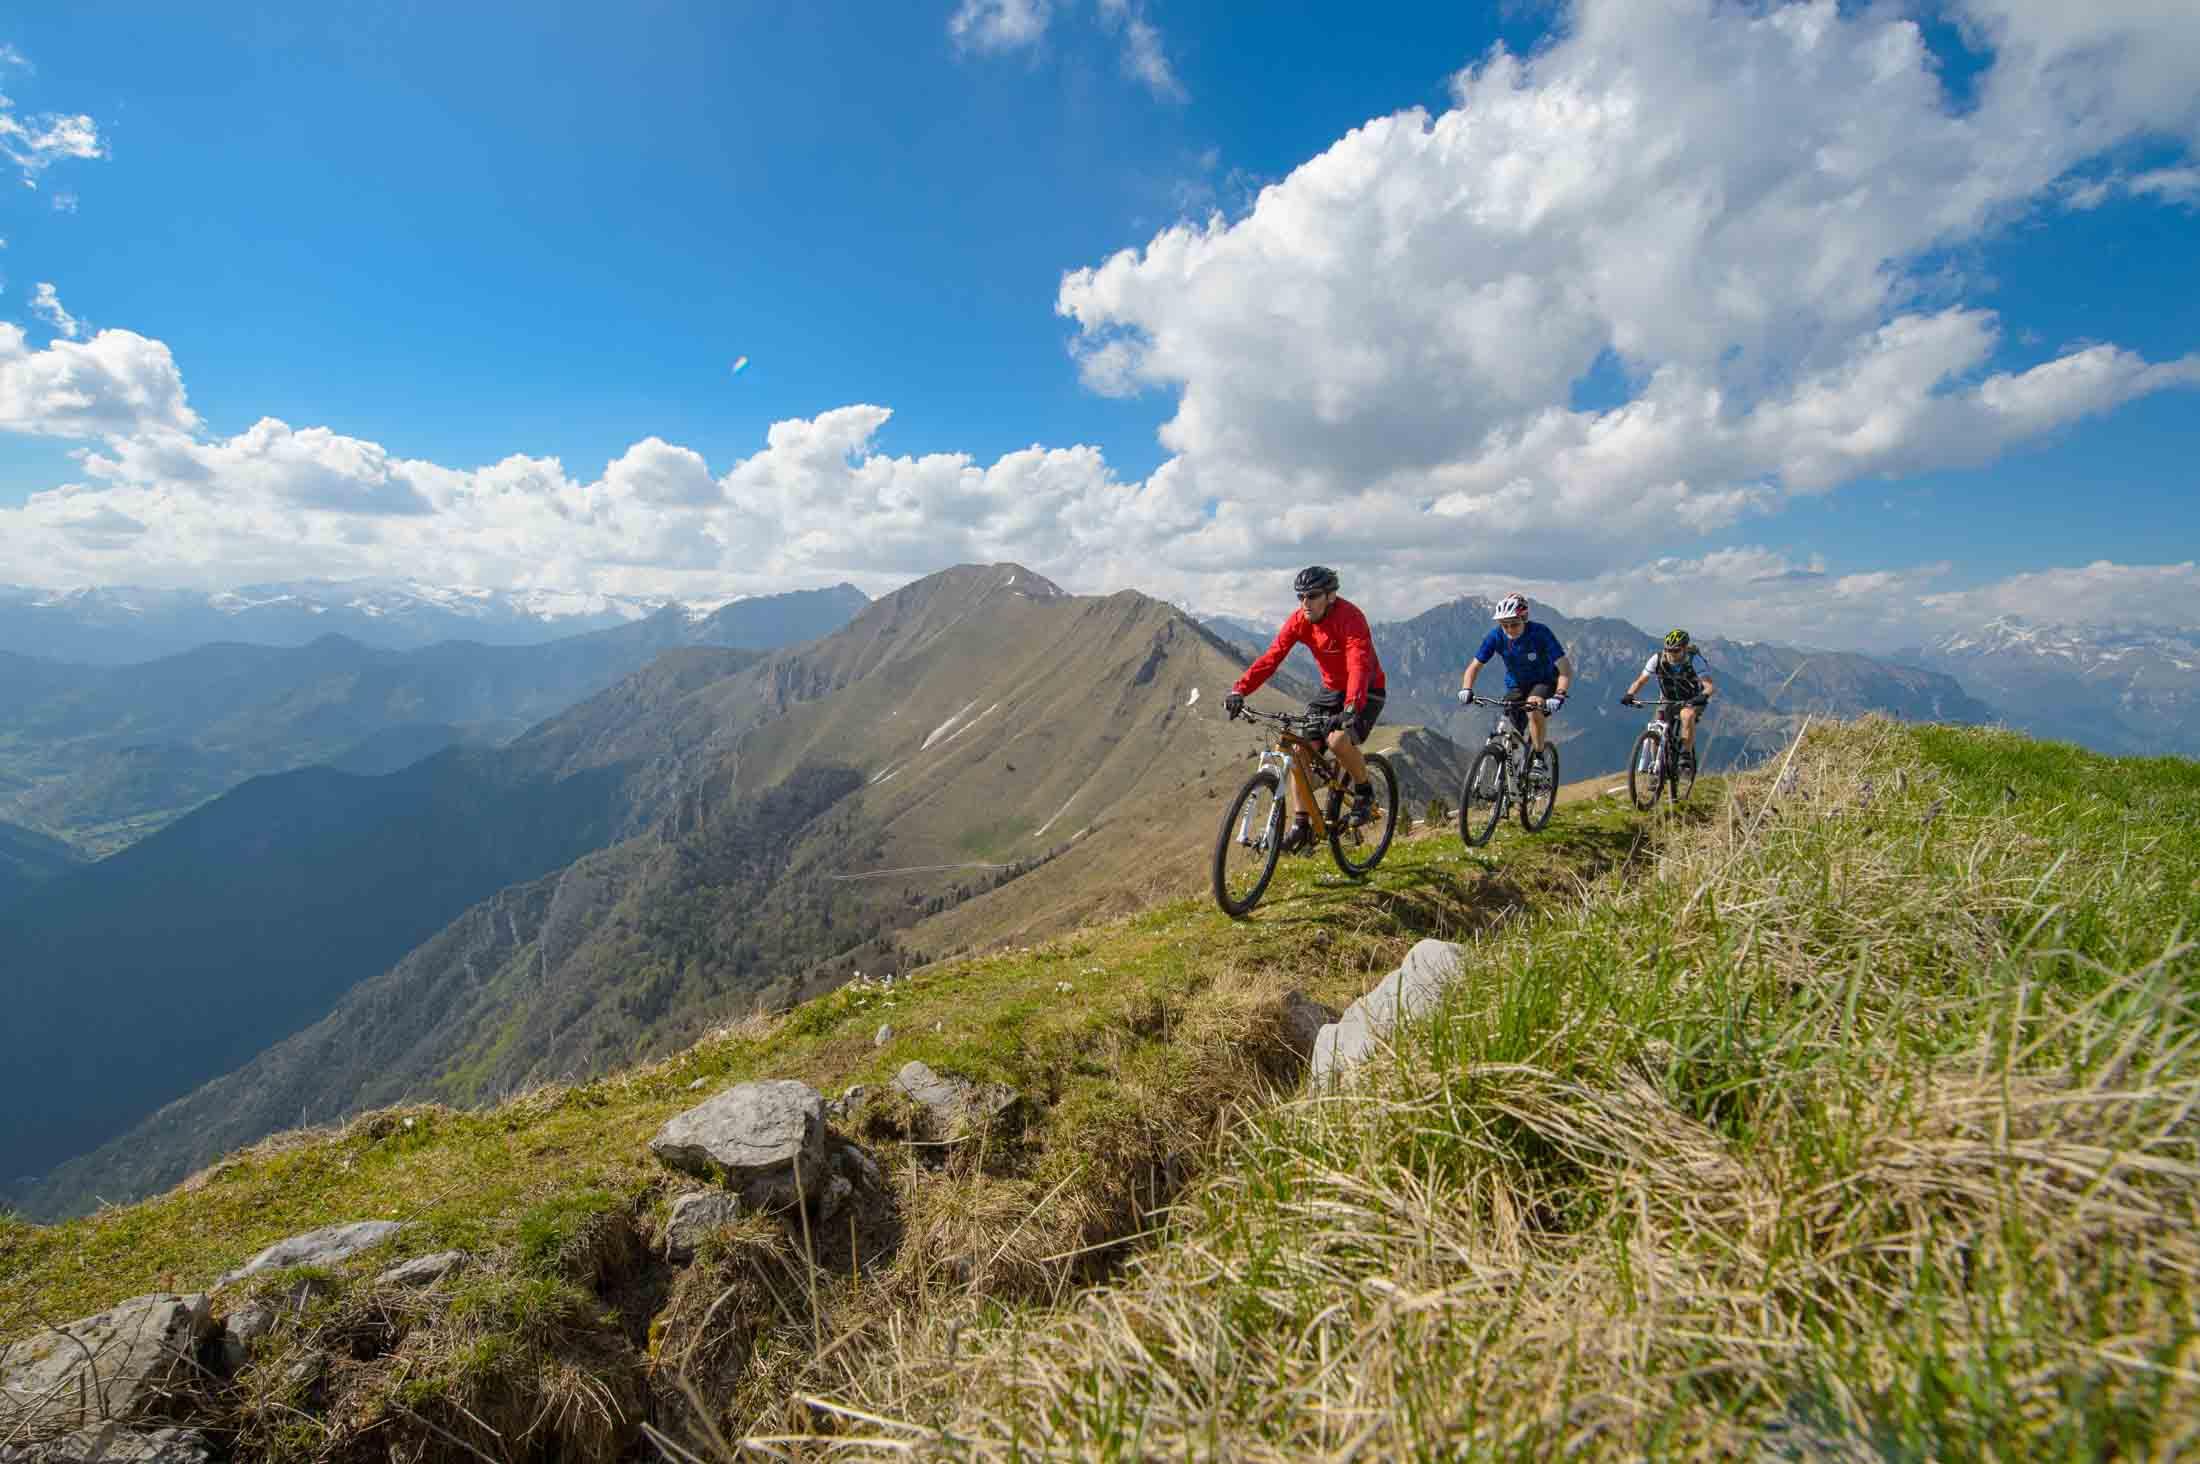 Mountainbiken op de ridge van Cima d'oro - Ledro meer - Dolomieten